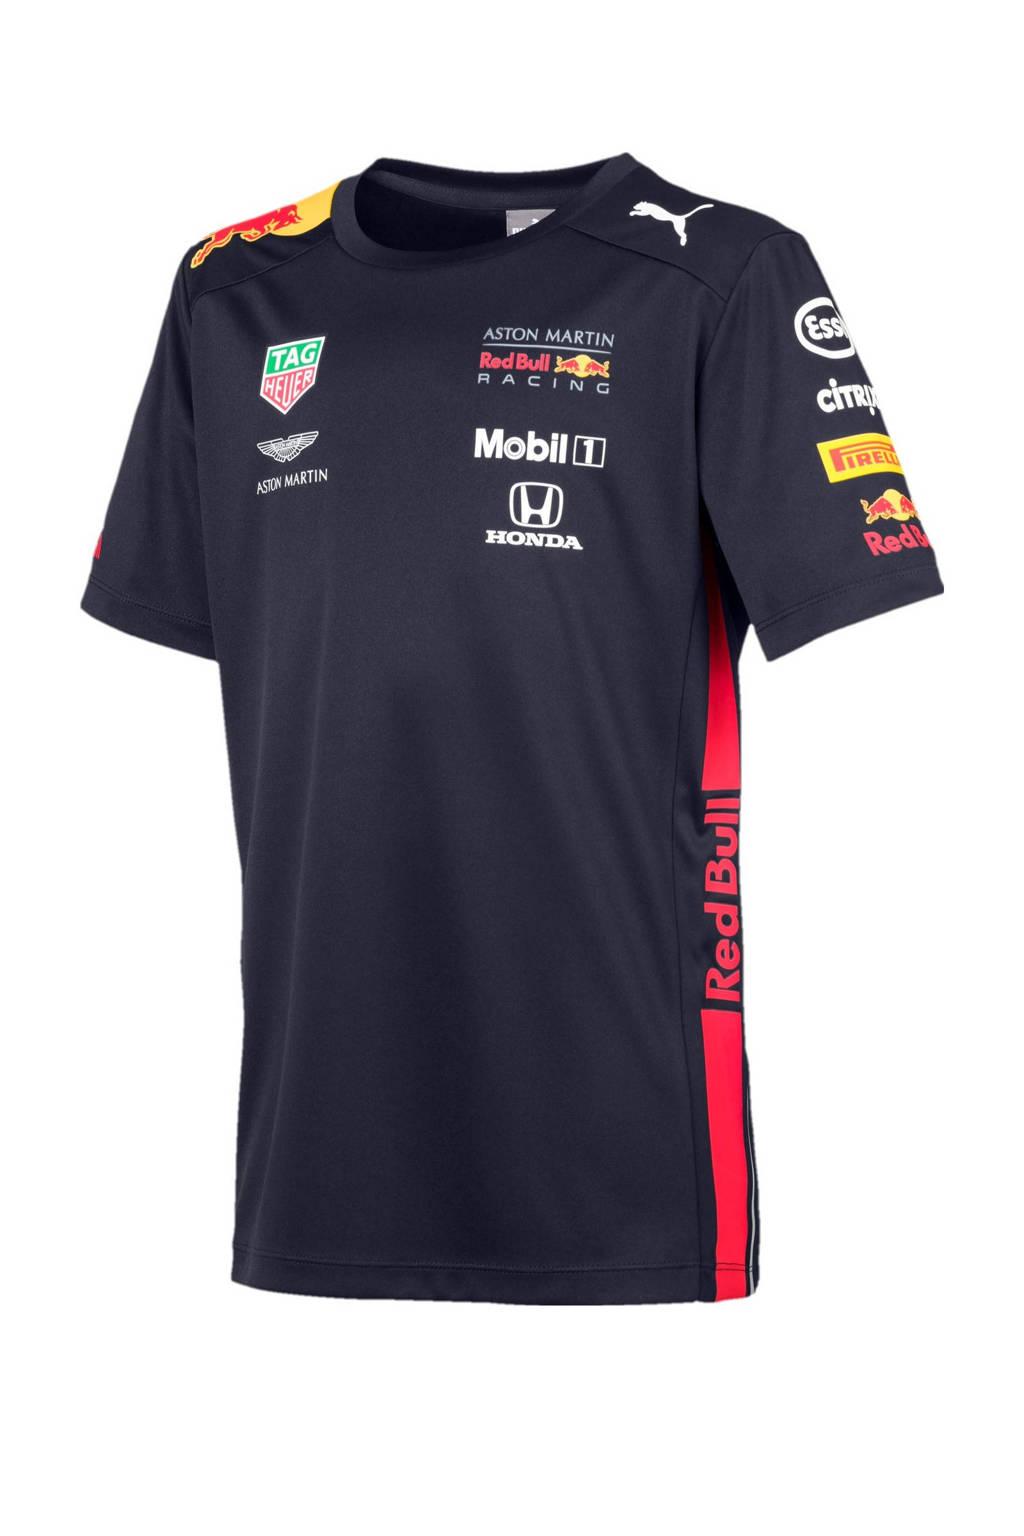 Puma Red Bull Racing T-shirt, Donkerblauw